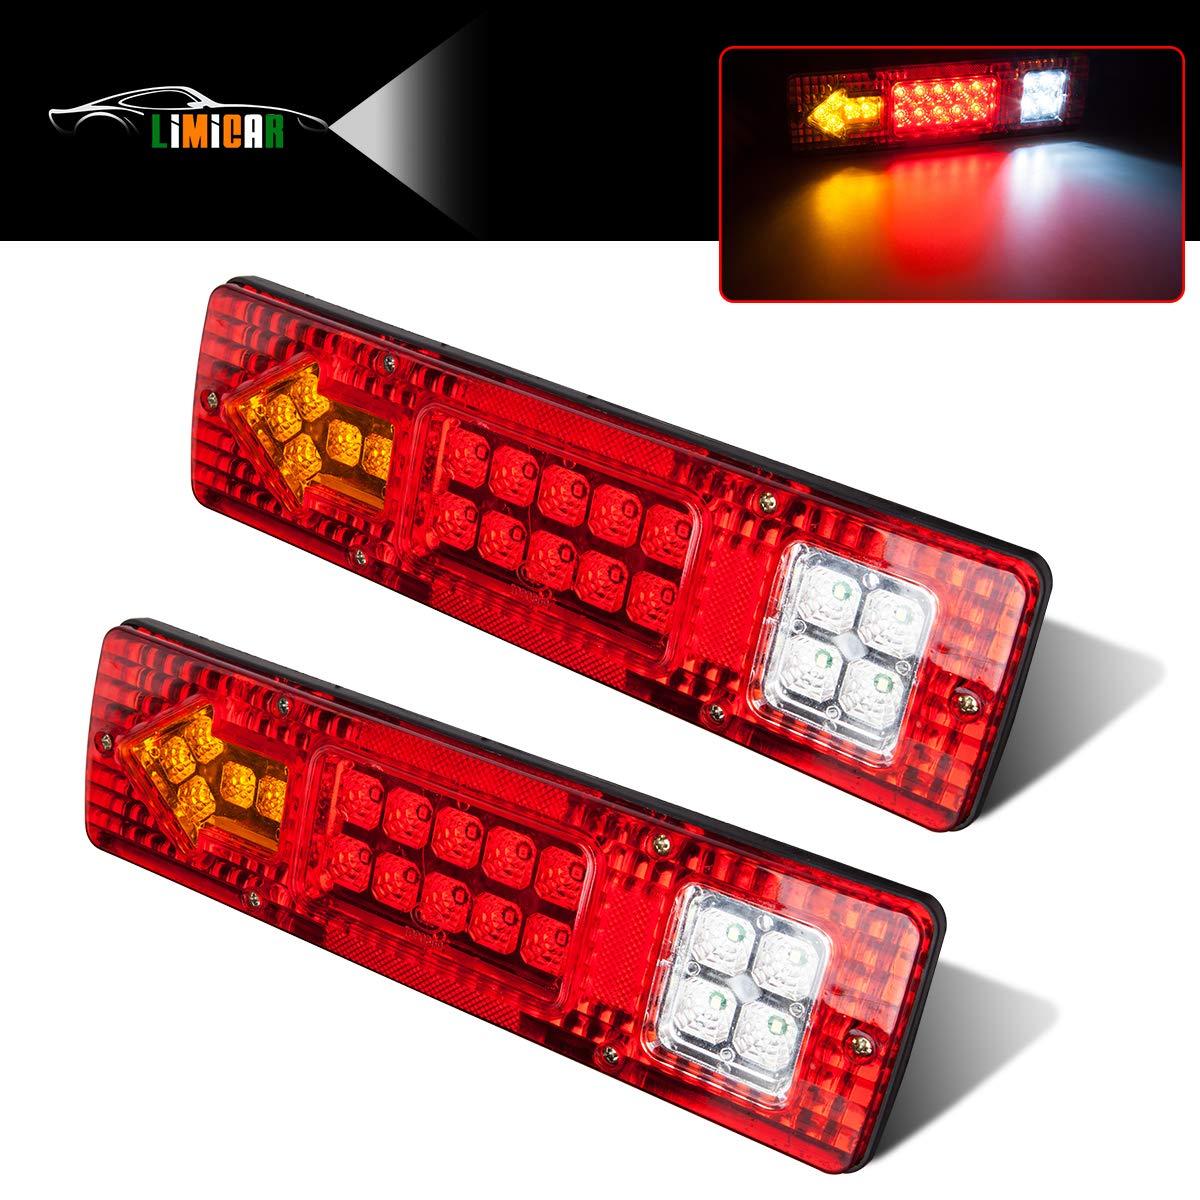 LIMICAR 19 LED Red Amber White Integrated Trailer Tail Lights Bar 12V Turn Signal Running Lamp for Trailer UTV UTE RV ATV Truck 2PCS by LIMICAR